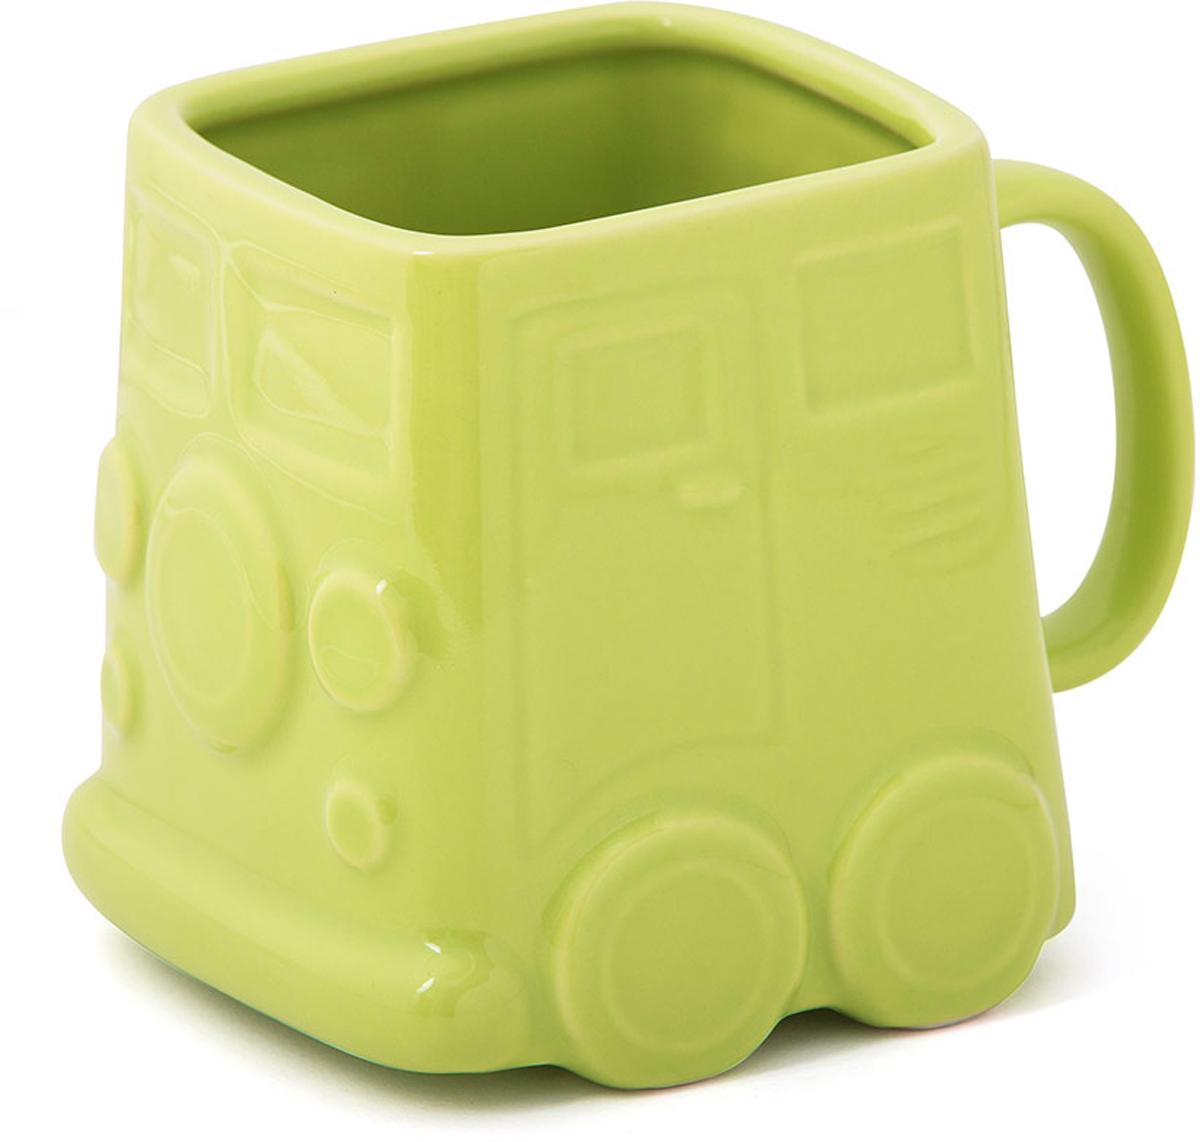 Кружка Balvi Van, цвет: зеленый, 400 мл26643Оригинальная кружка Van отлично подойдет всем любителям стильных аксессуаров для своей кухни. Кружка зеленого цвета выполнена в необычной прямоугольной форме и оформлена в виде забавного хиппи-фургона на колесах. Коллекционеры и просто любители необычных кружек обязательно оценят данную модель от испанских дизайнеров. Керамический материал обеспечивает необходимую прочность, и способствует тому, чтобы напиток не обжигал, но при этом долго сохранял тепло.- Оригинальный дизайн хиппи-фургончика 60-х годов XX века.- Детализированная проработка внешнего вида.- Яркий насыщенный цвет.- Отличный подарок коллекционерам и просто любителям стильных вещей.- Объем: 400 мл.